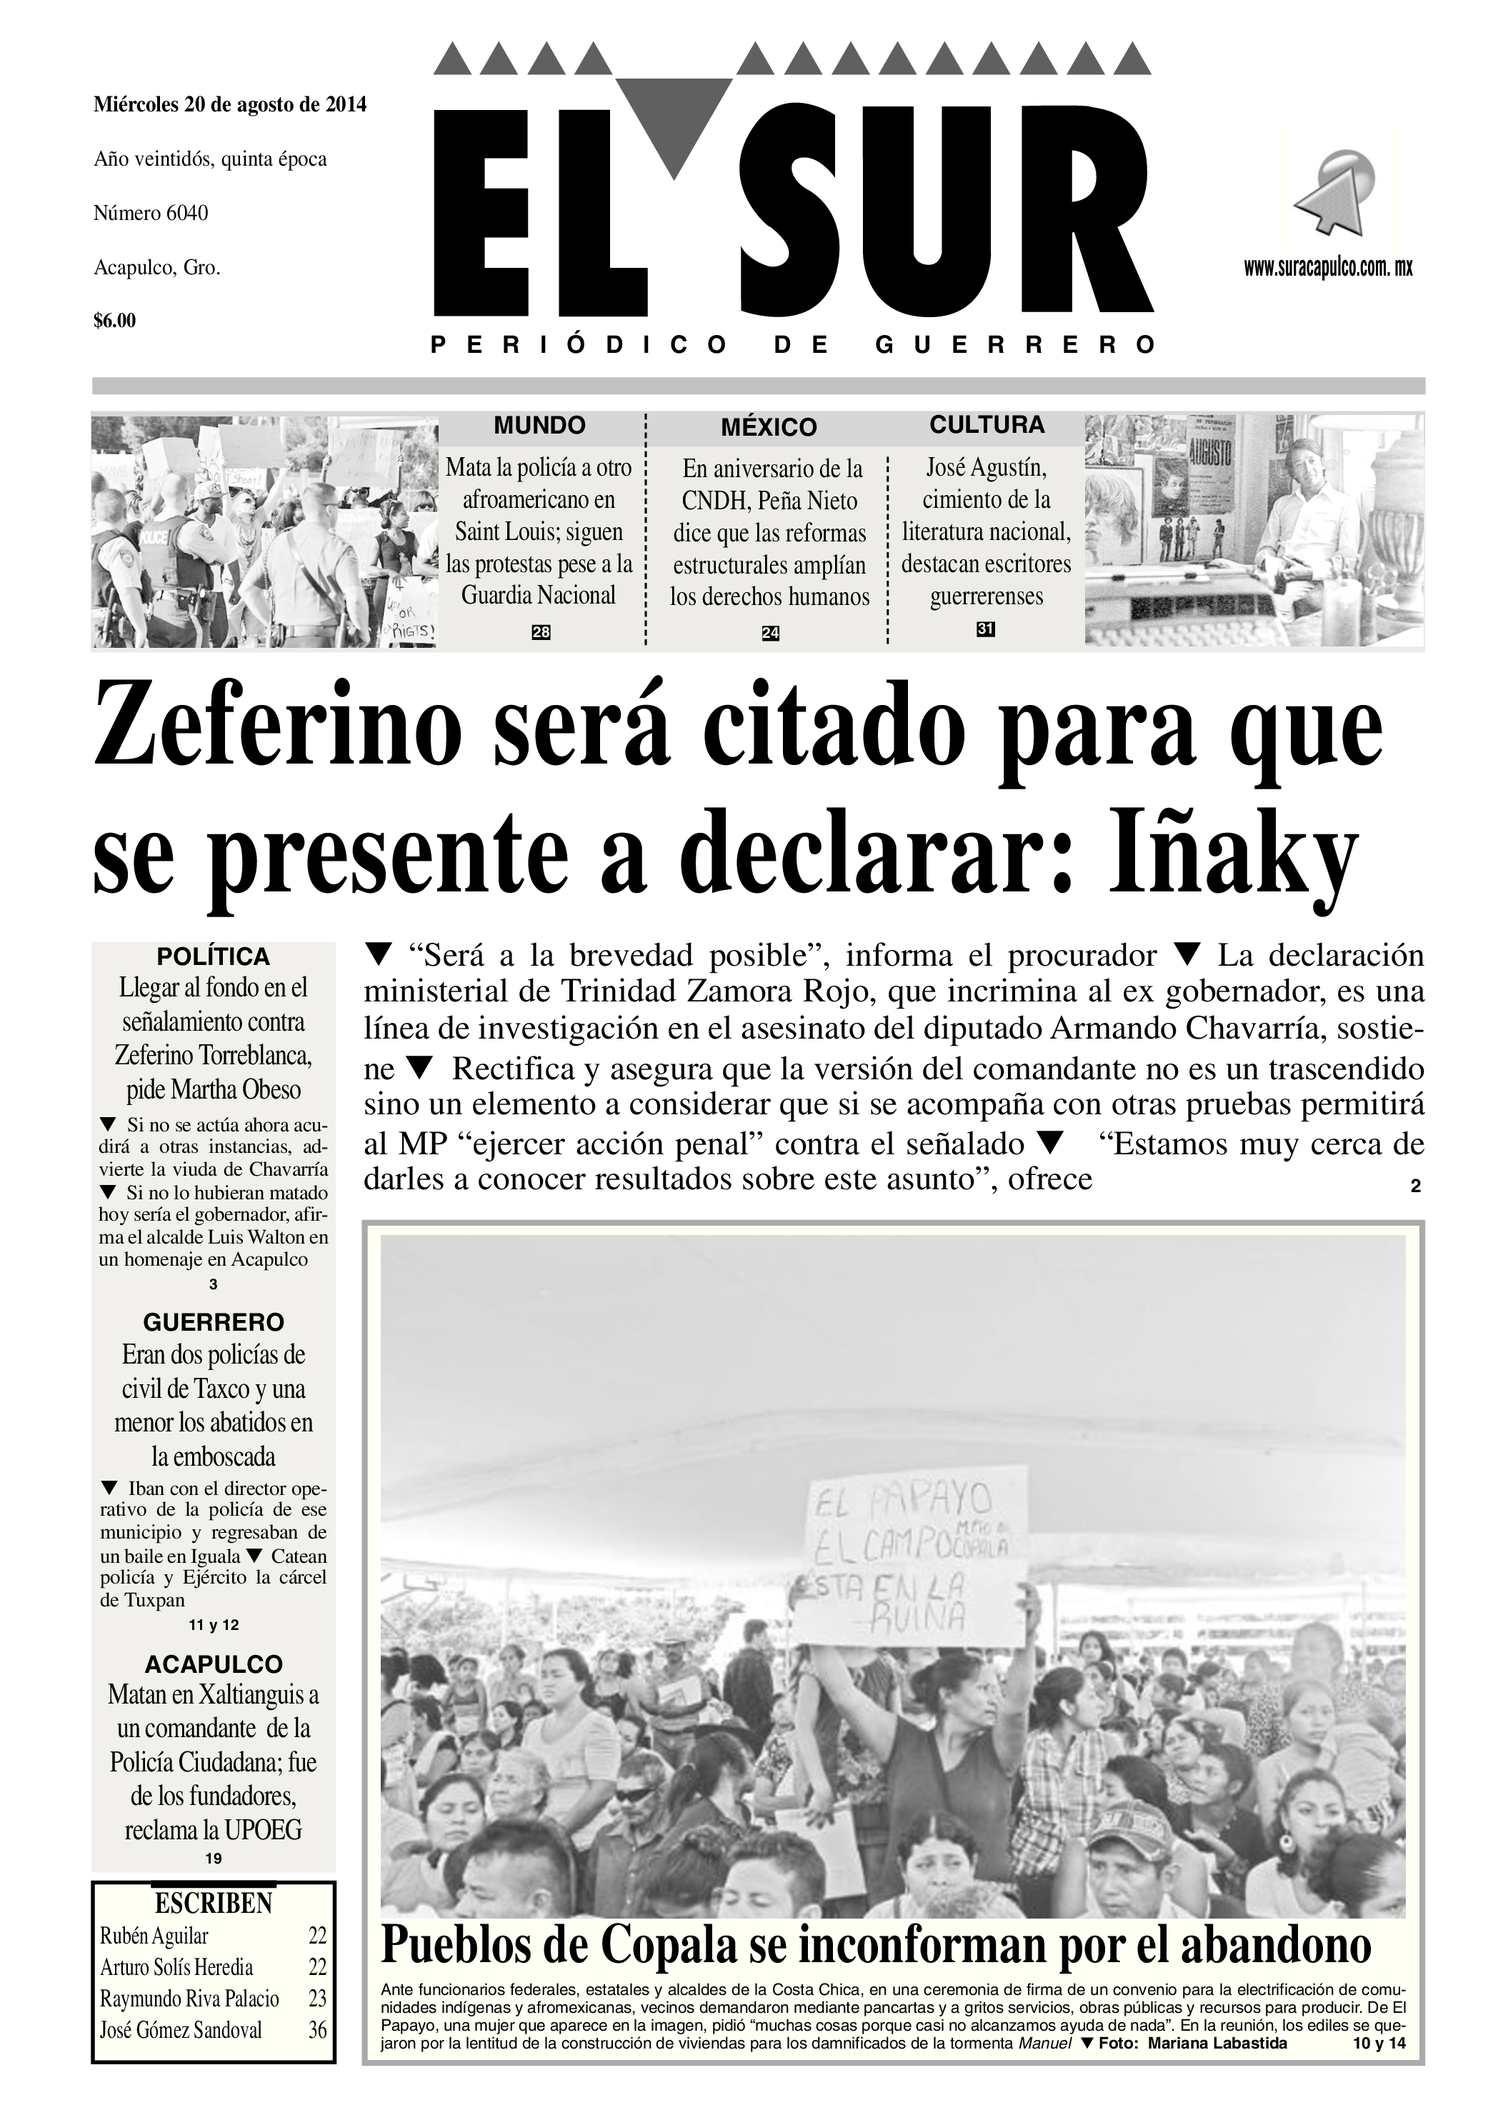 Calaméo - El Sur Miércoles 20082014.pdf